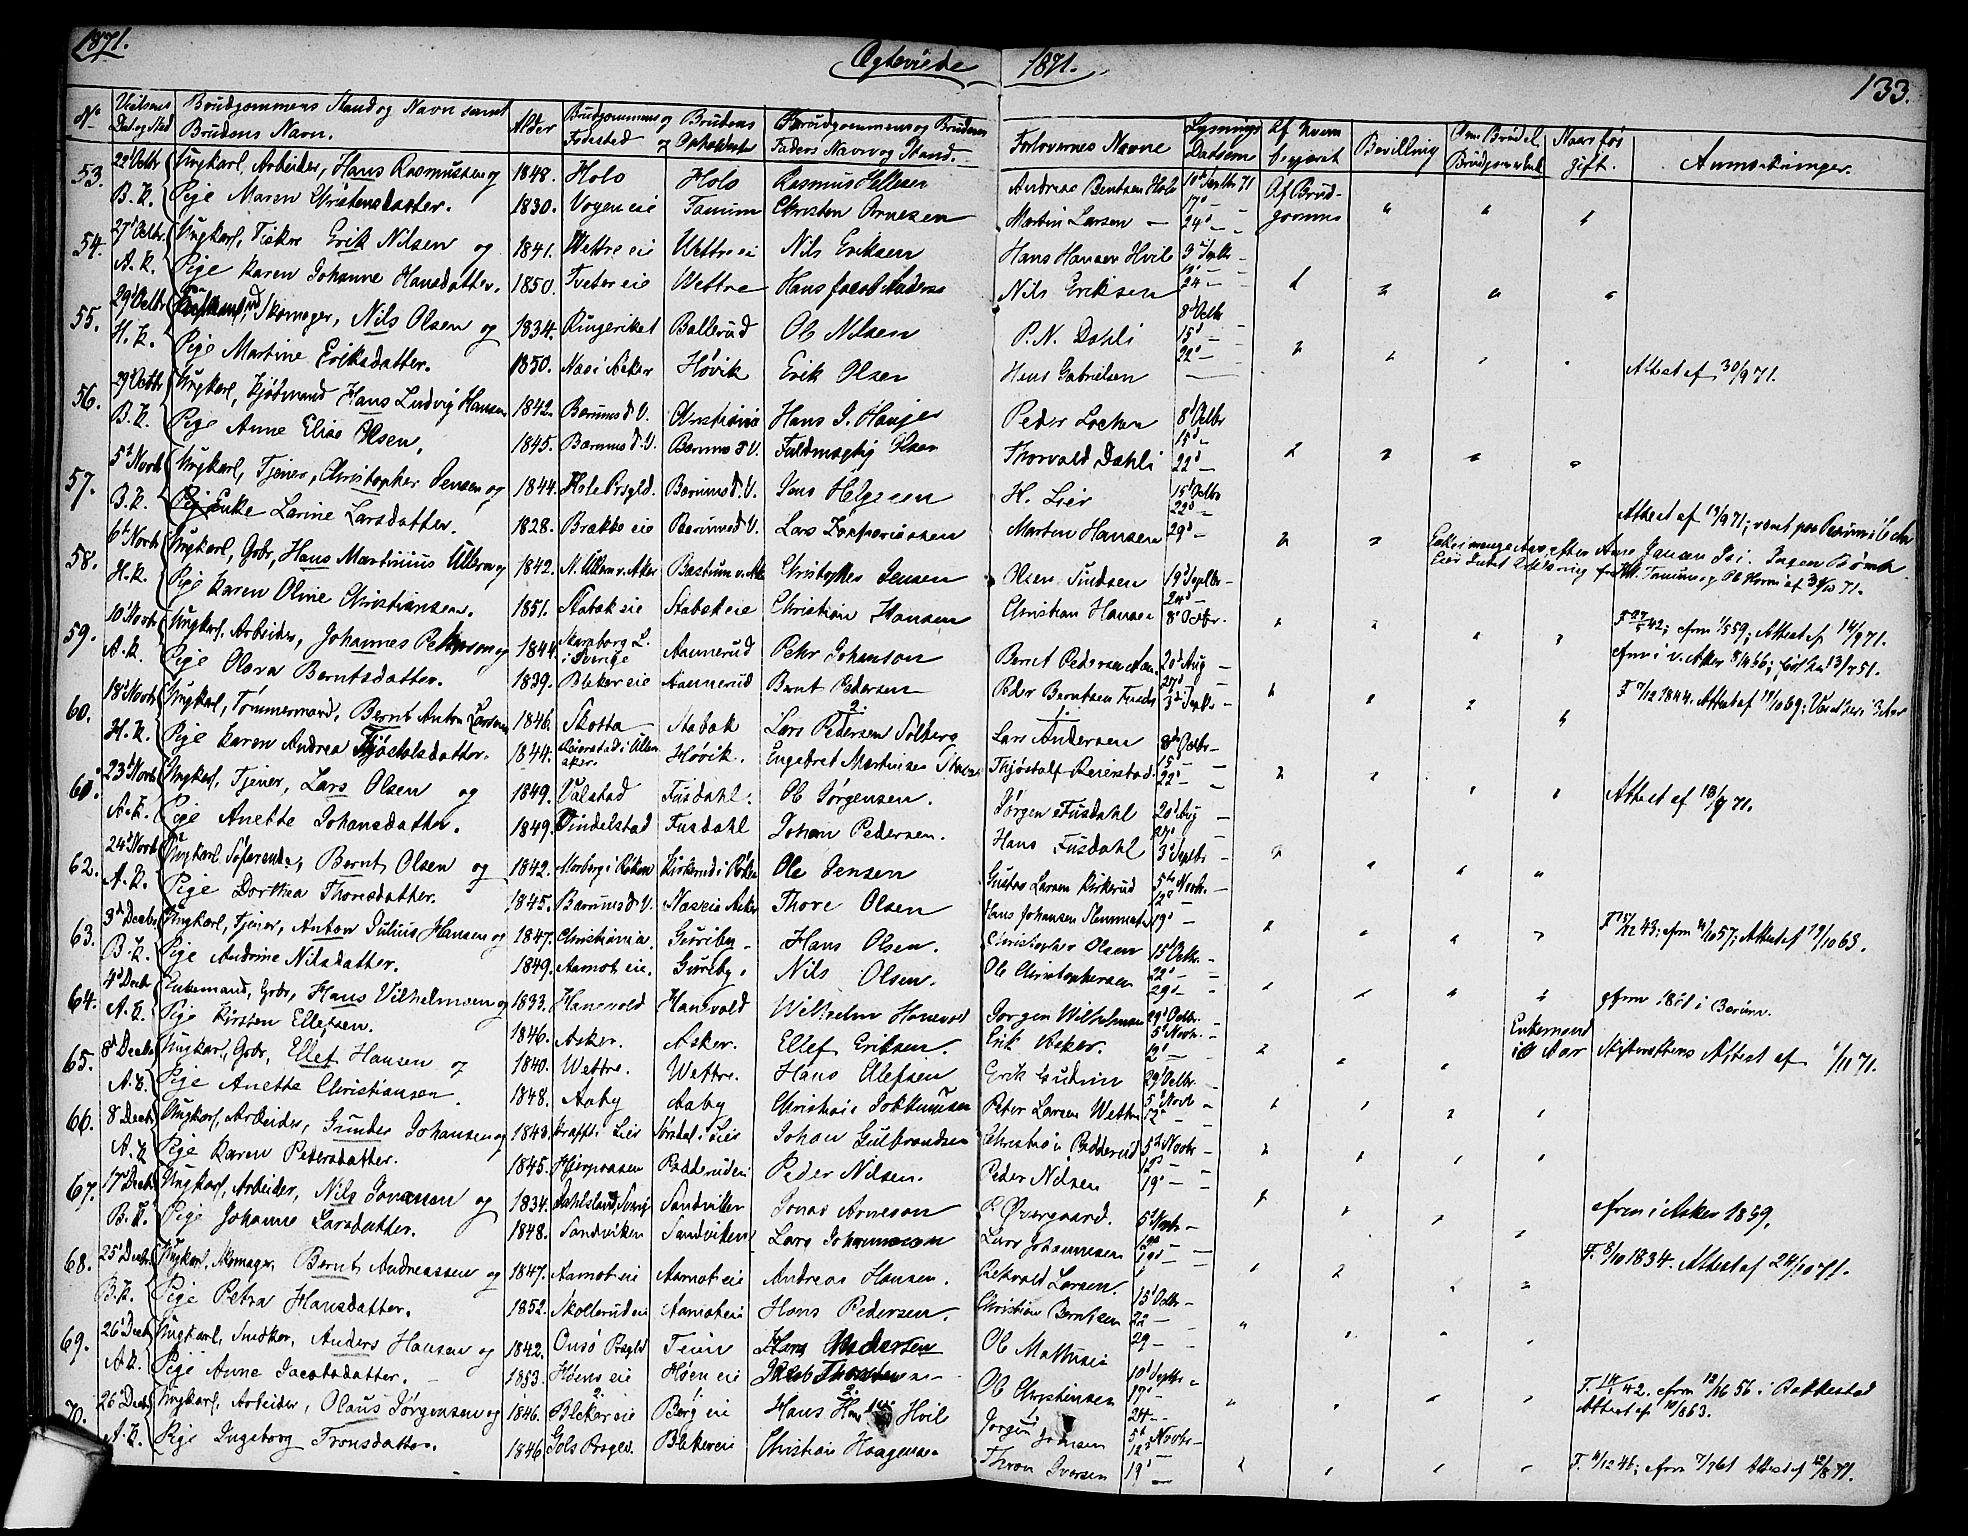 SAO, Asker prestekontor Kirkebøker, F/Fa/L0010: Ministerialbok nr. I 10, 1825-1878, s. 133